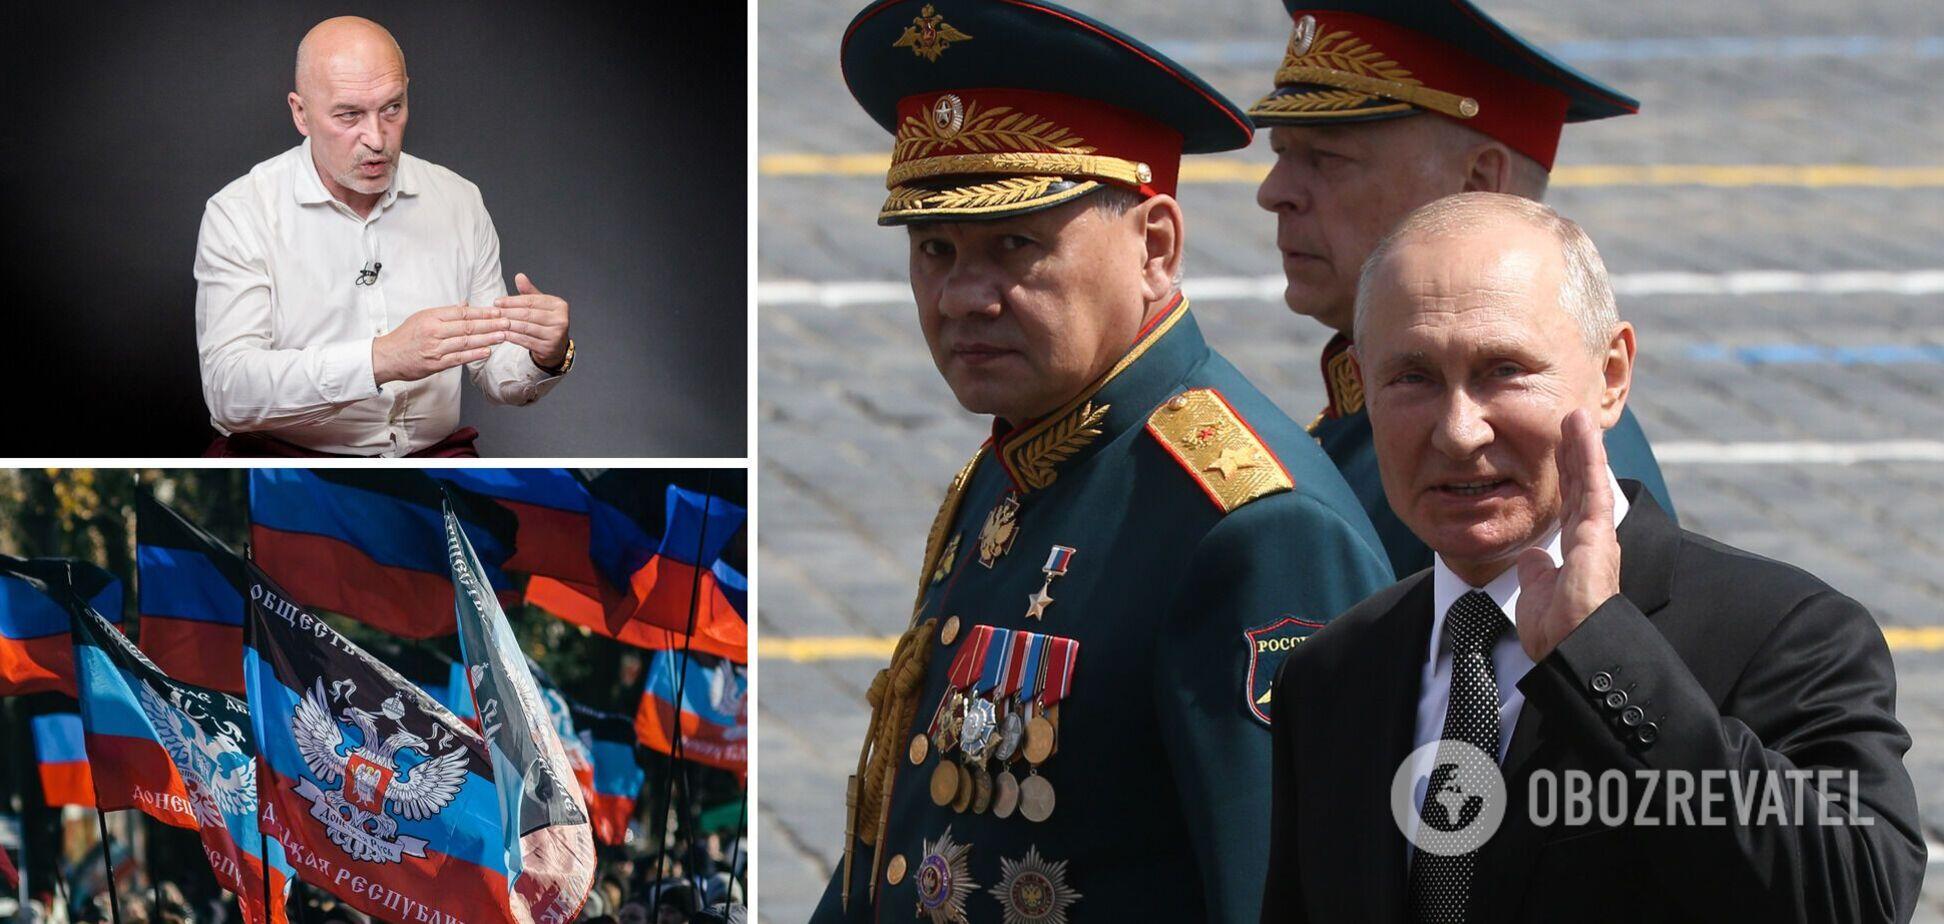 Тука назвал 6 областей, которые хотела бы захватить Россия